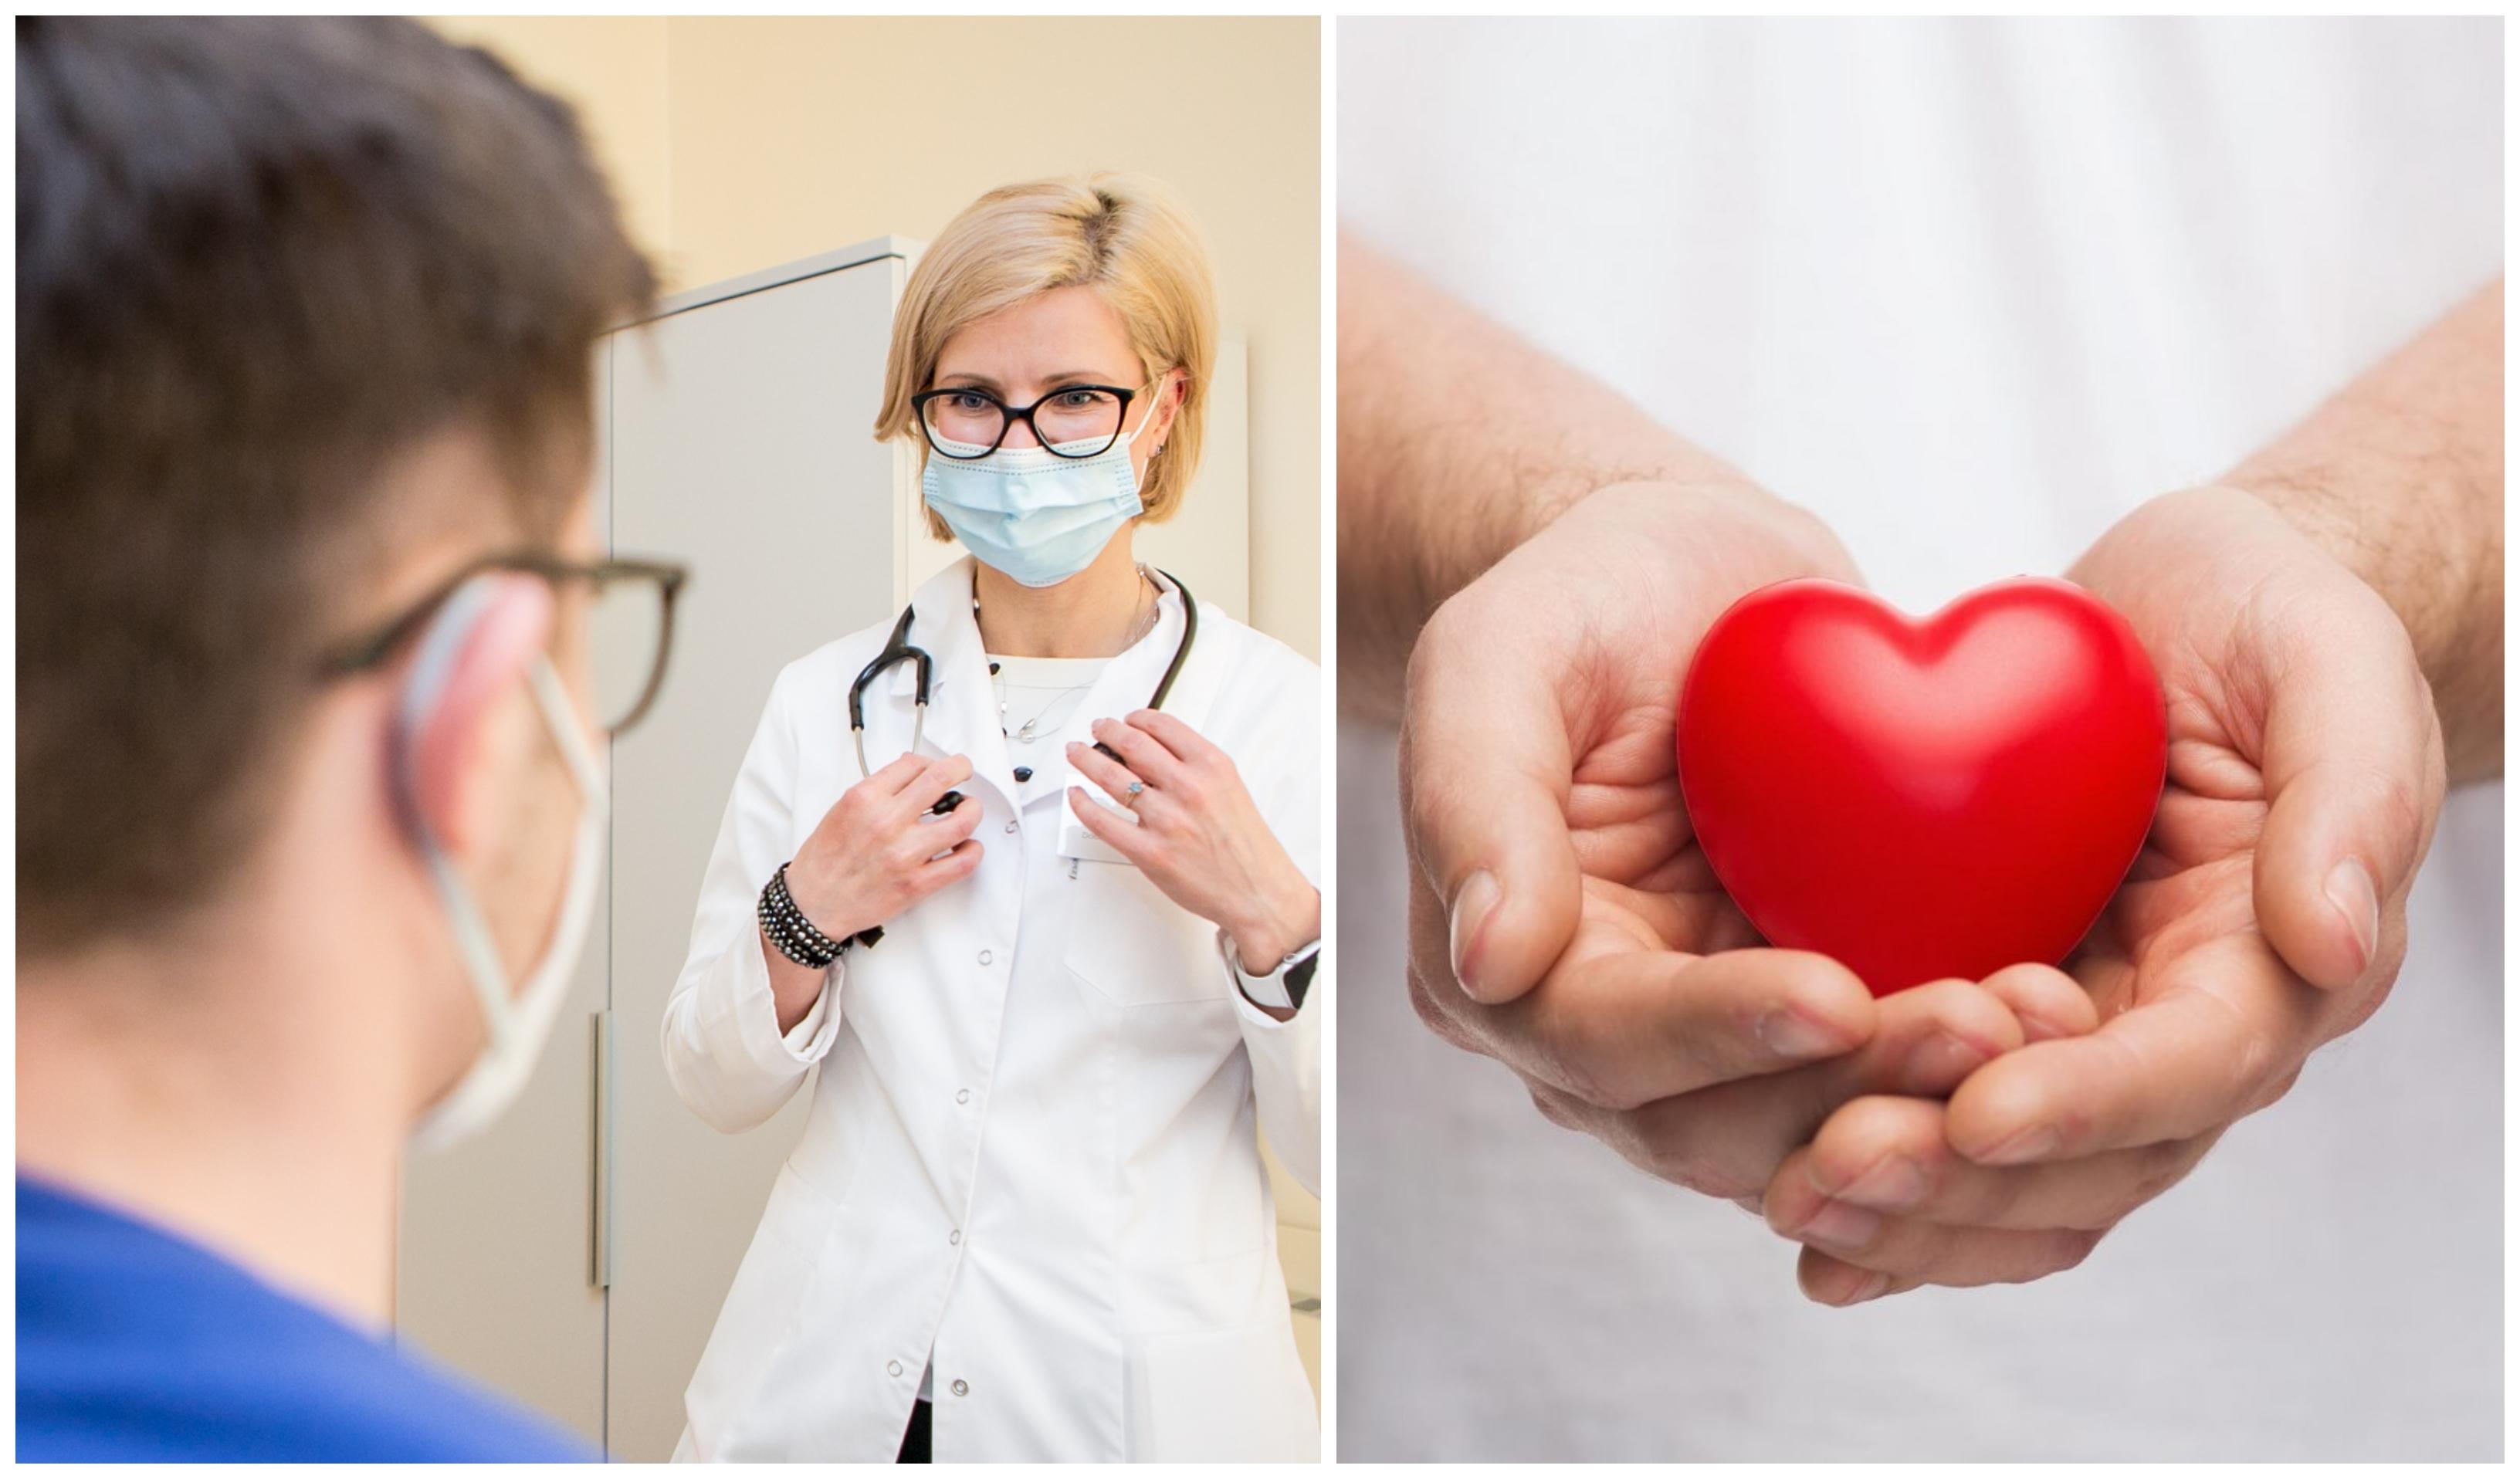 hipertenzijos su lėtiniu širdies nepakankamumu gydymas